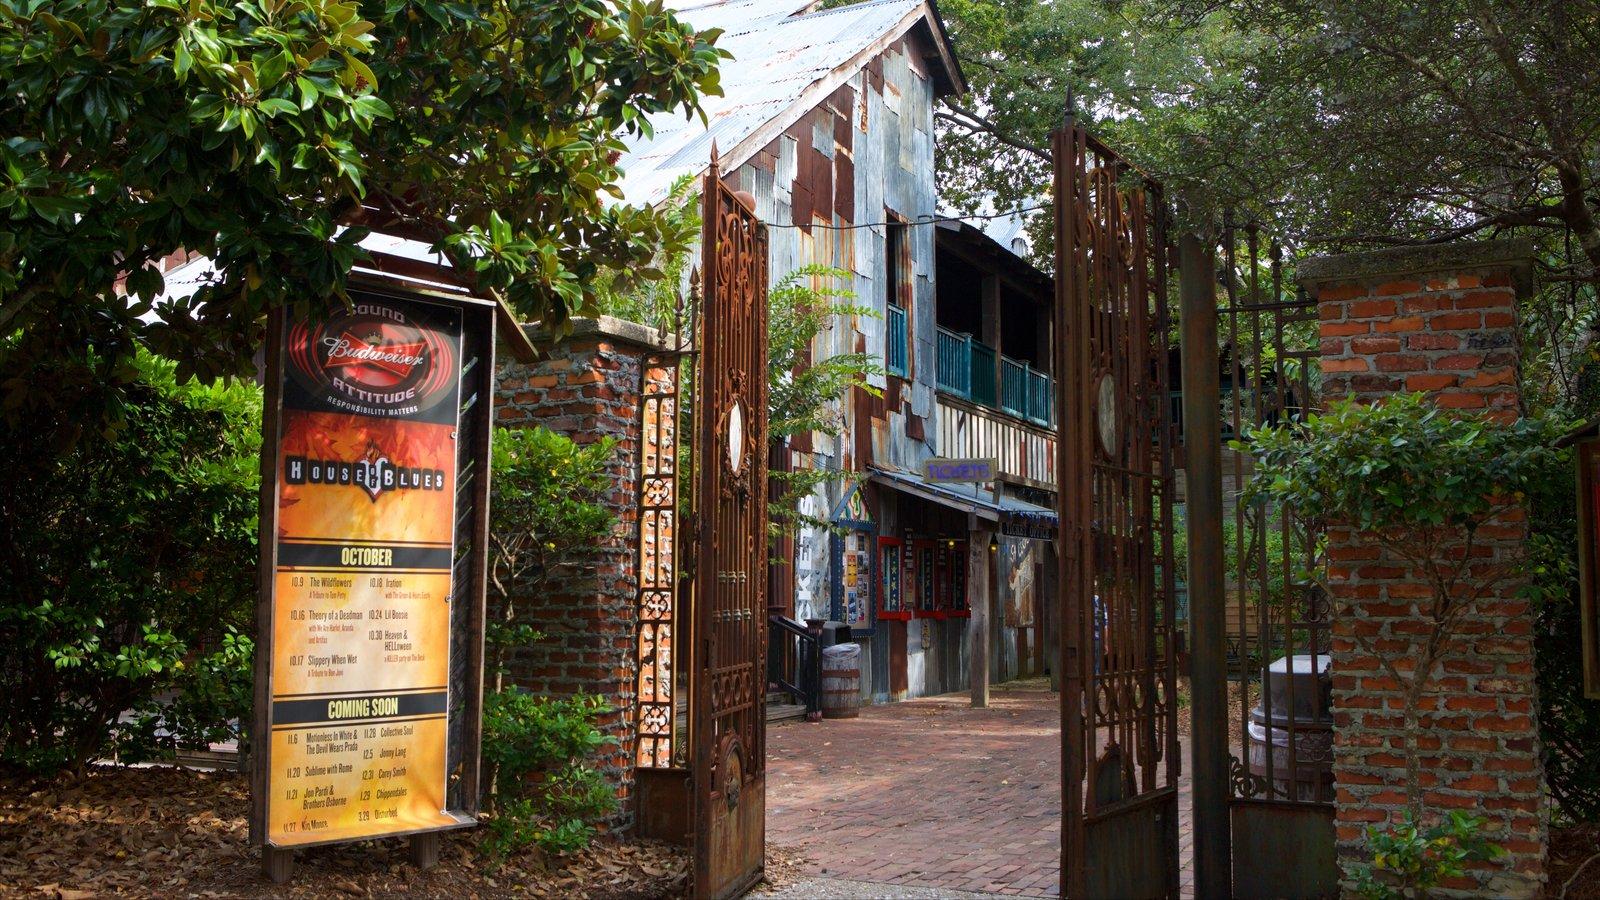 House of Blues Myrtle Beach que inclui sinalização e elementos de patrimônio